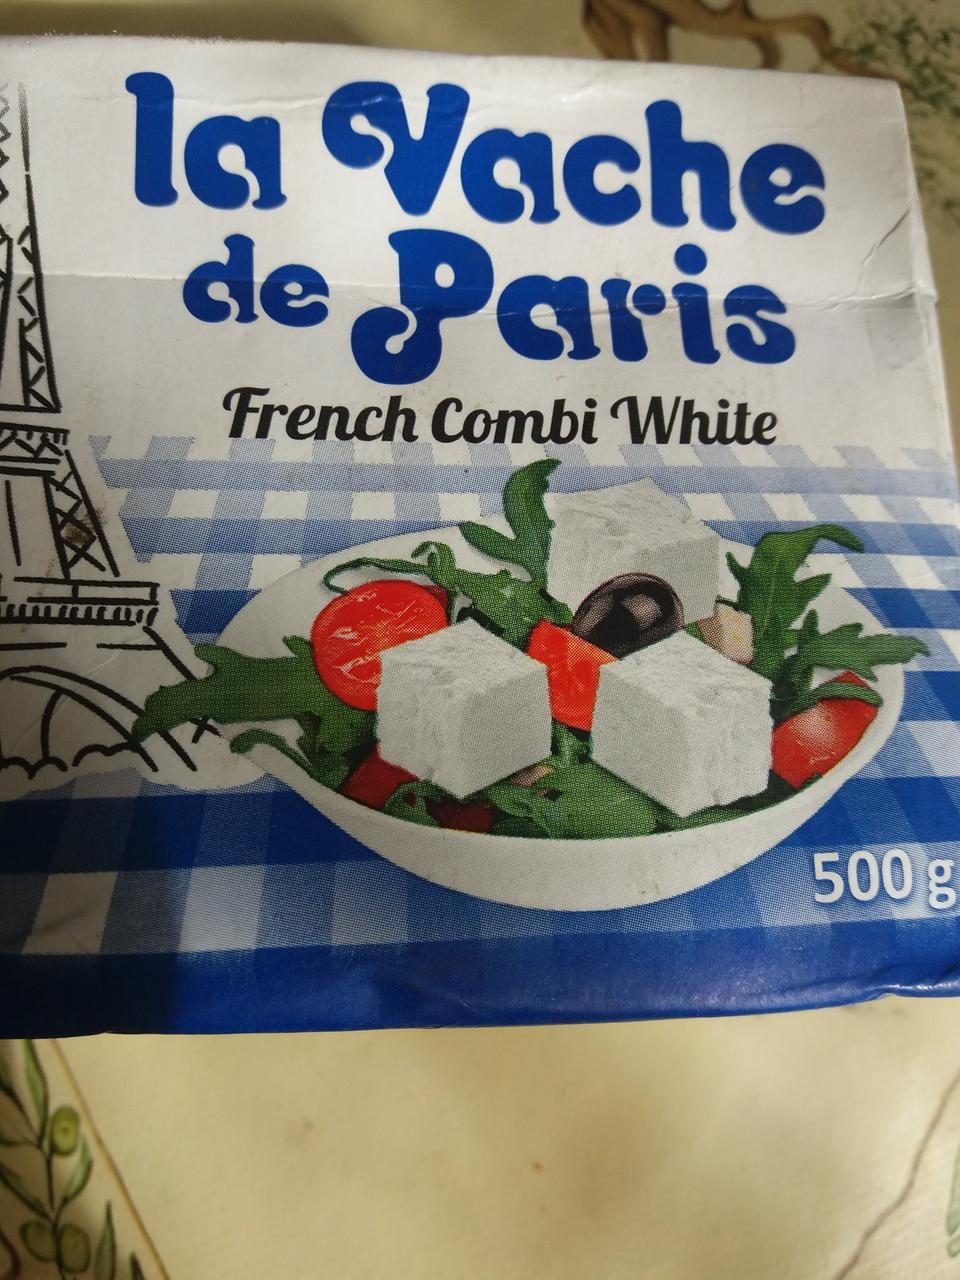 Сыр - Фета * La Vache de Paris * - Парижская Буренка  / 500г/ Франция